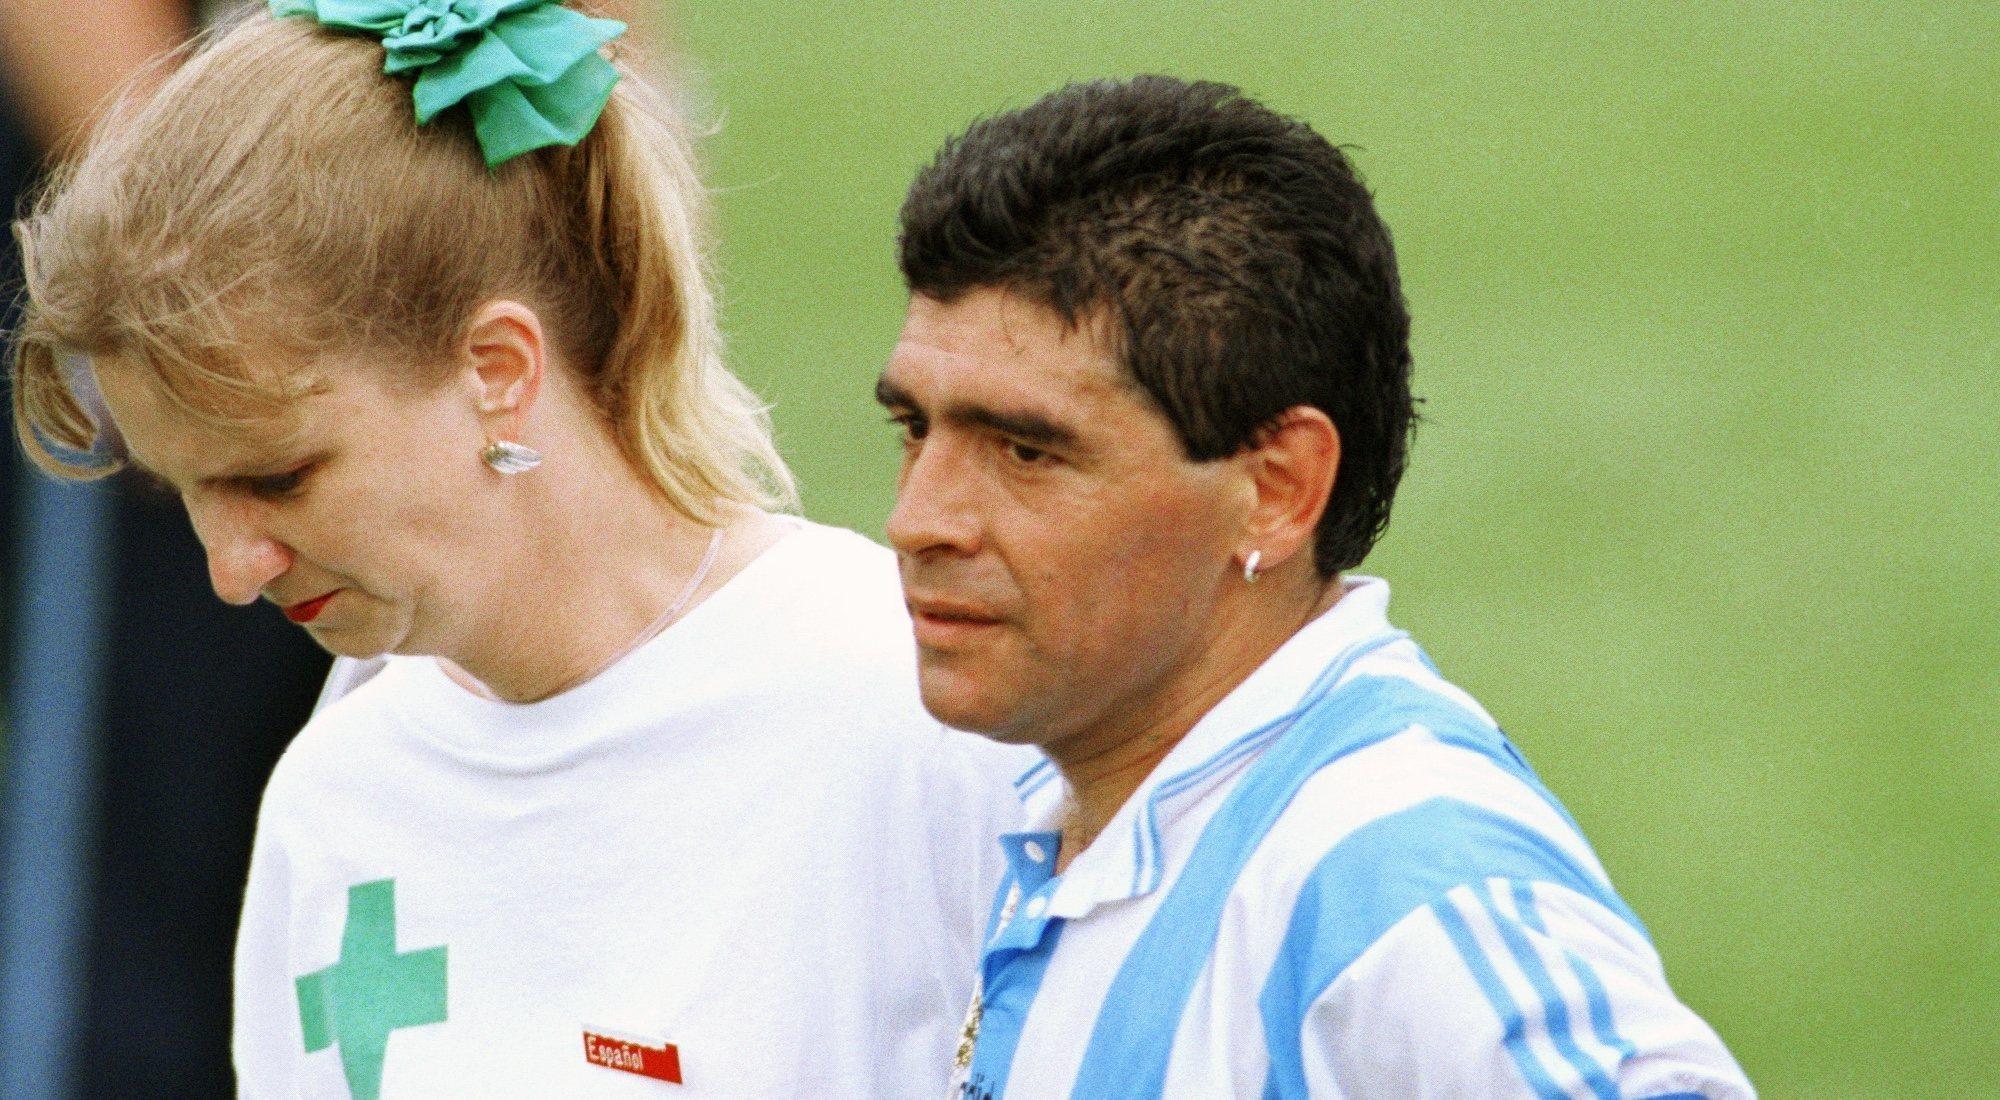 Se cumplen 25 años del positivo de Maradona en el Mundial